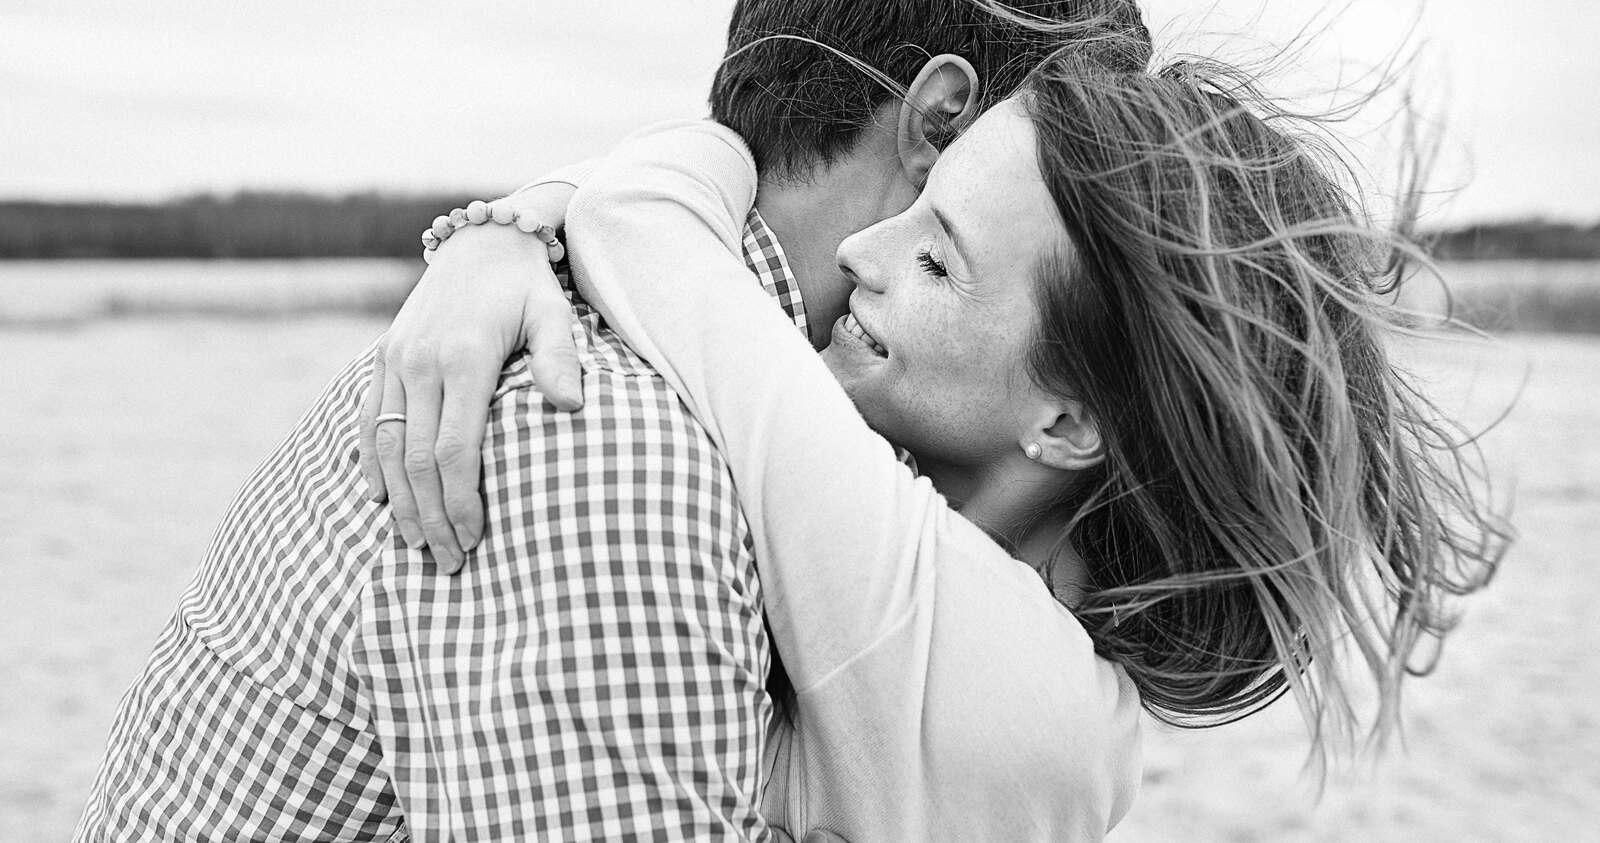 Ein fröhliches junges Paar umarmt sich